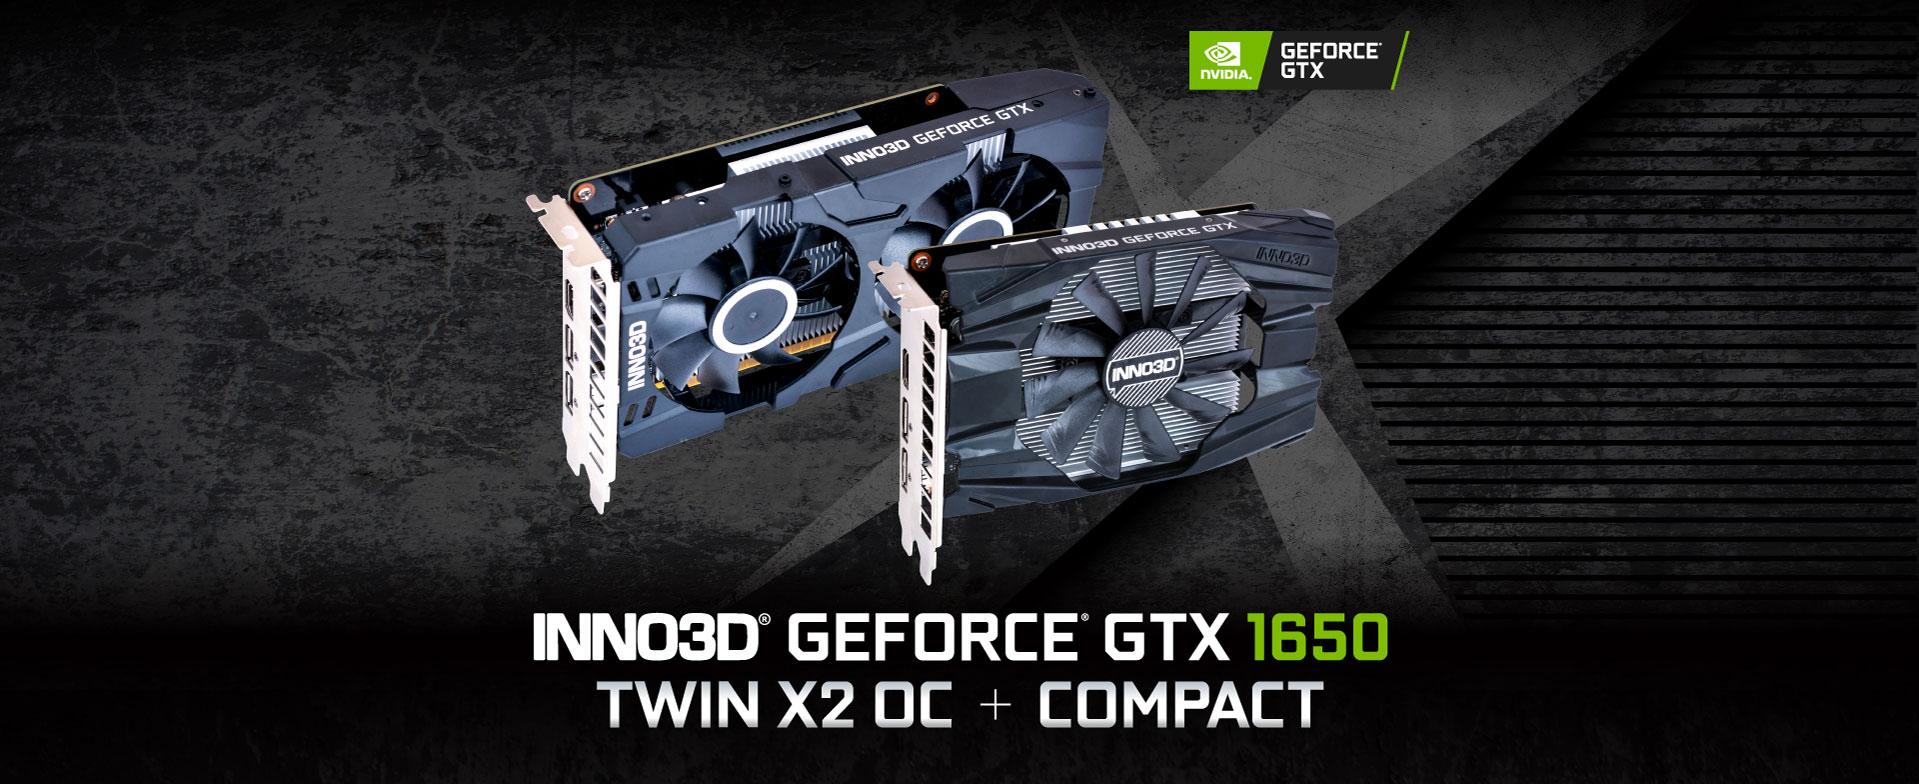 1650_Twin_X2OC_Compact_1920w_01.jpg (272 KB)